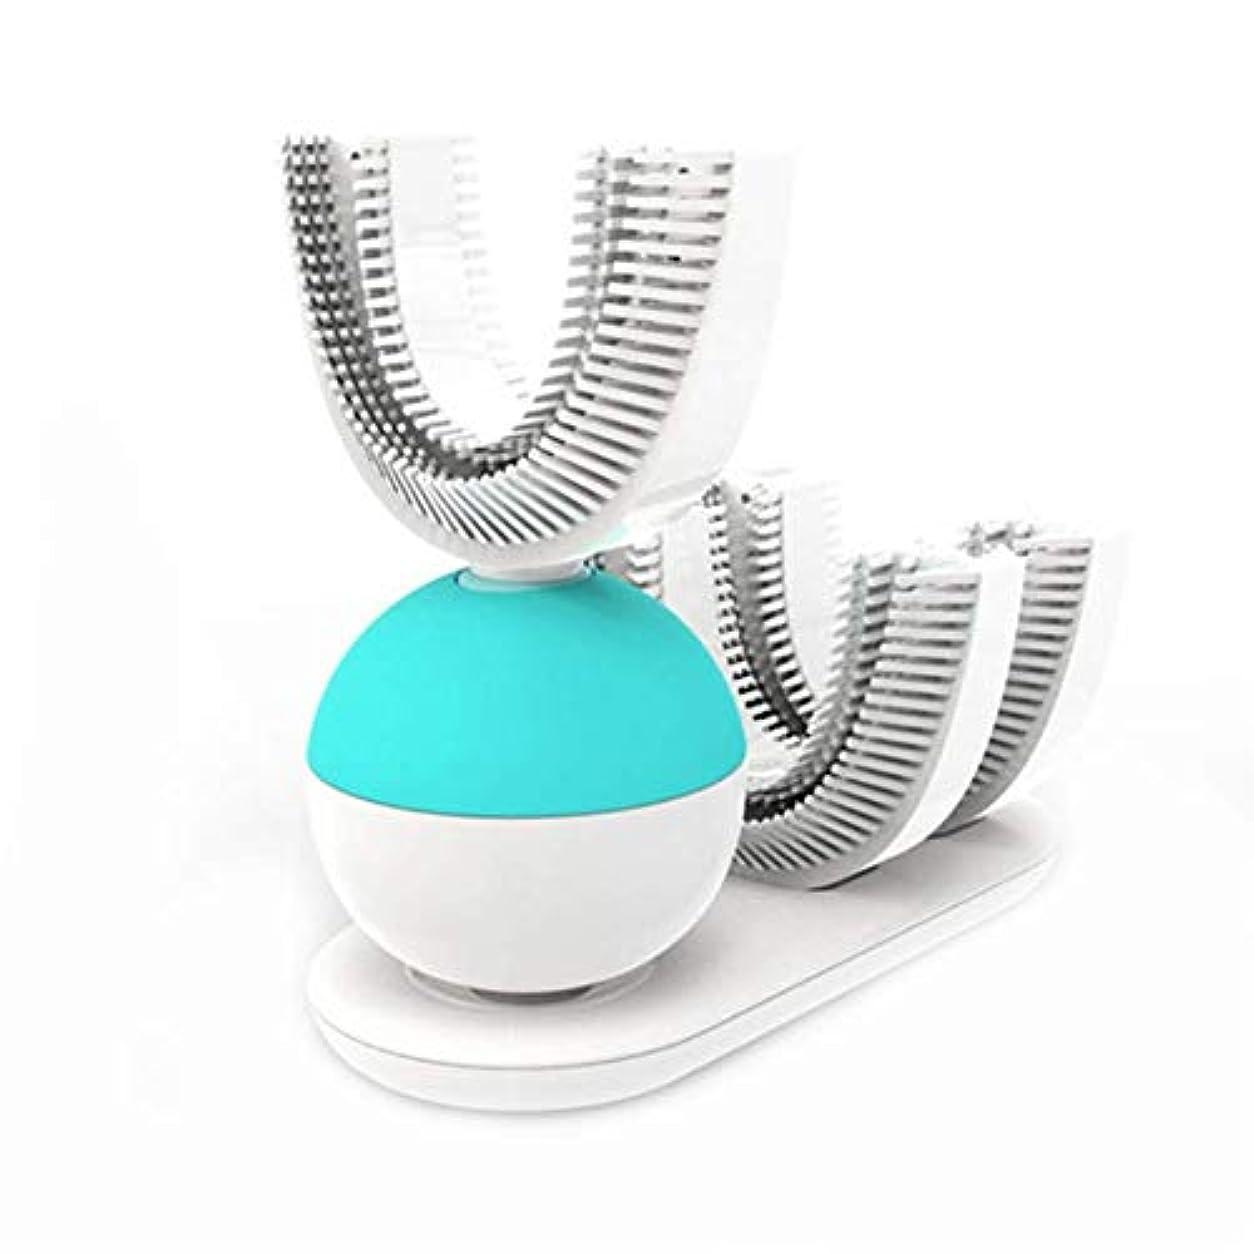 接続詞満足させる発動機歯のホワイトニングキット敏感な歯、10分の急行結果、汚れリムーバー非感受性、口トレイ